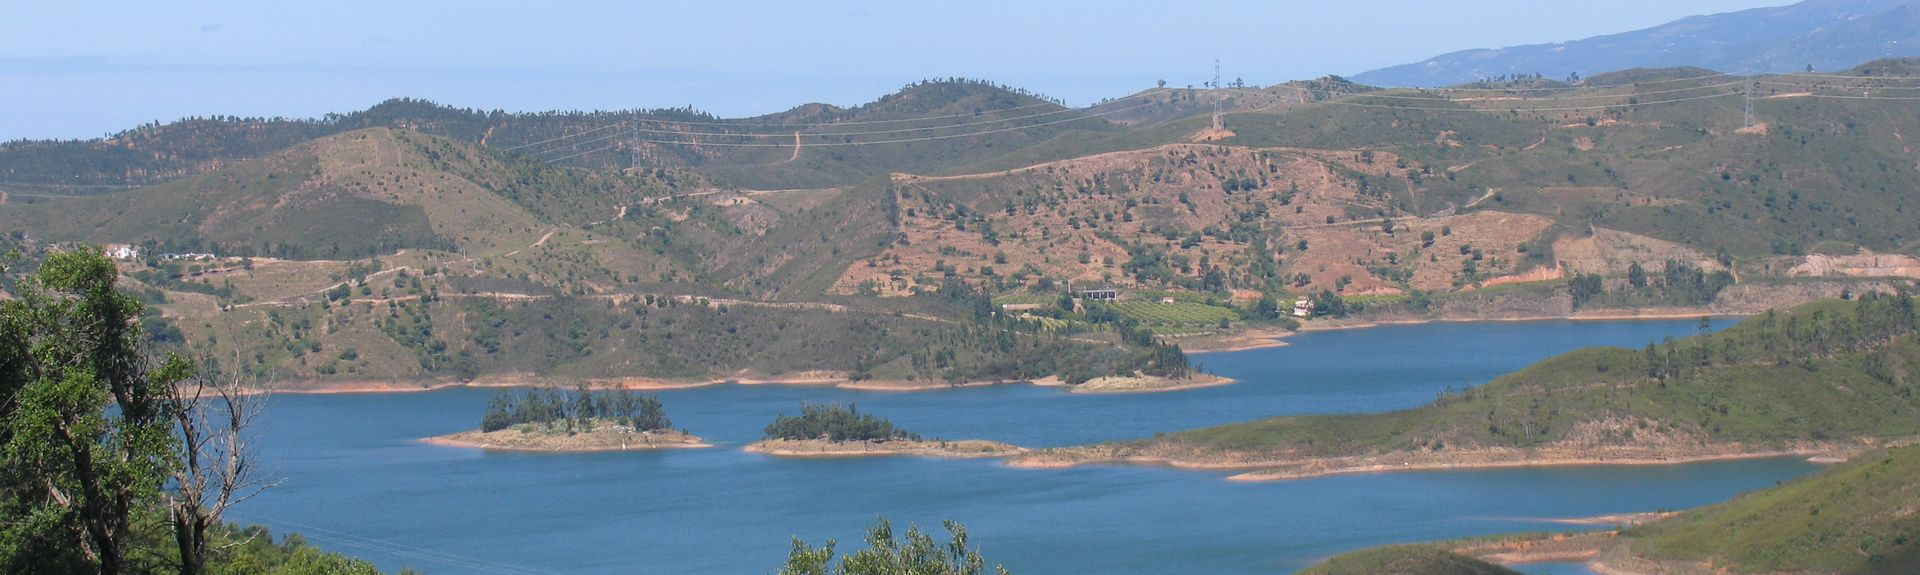 São Marcos da Serra, District de Faro, Portugal